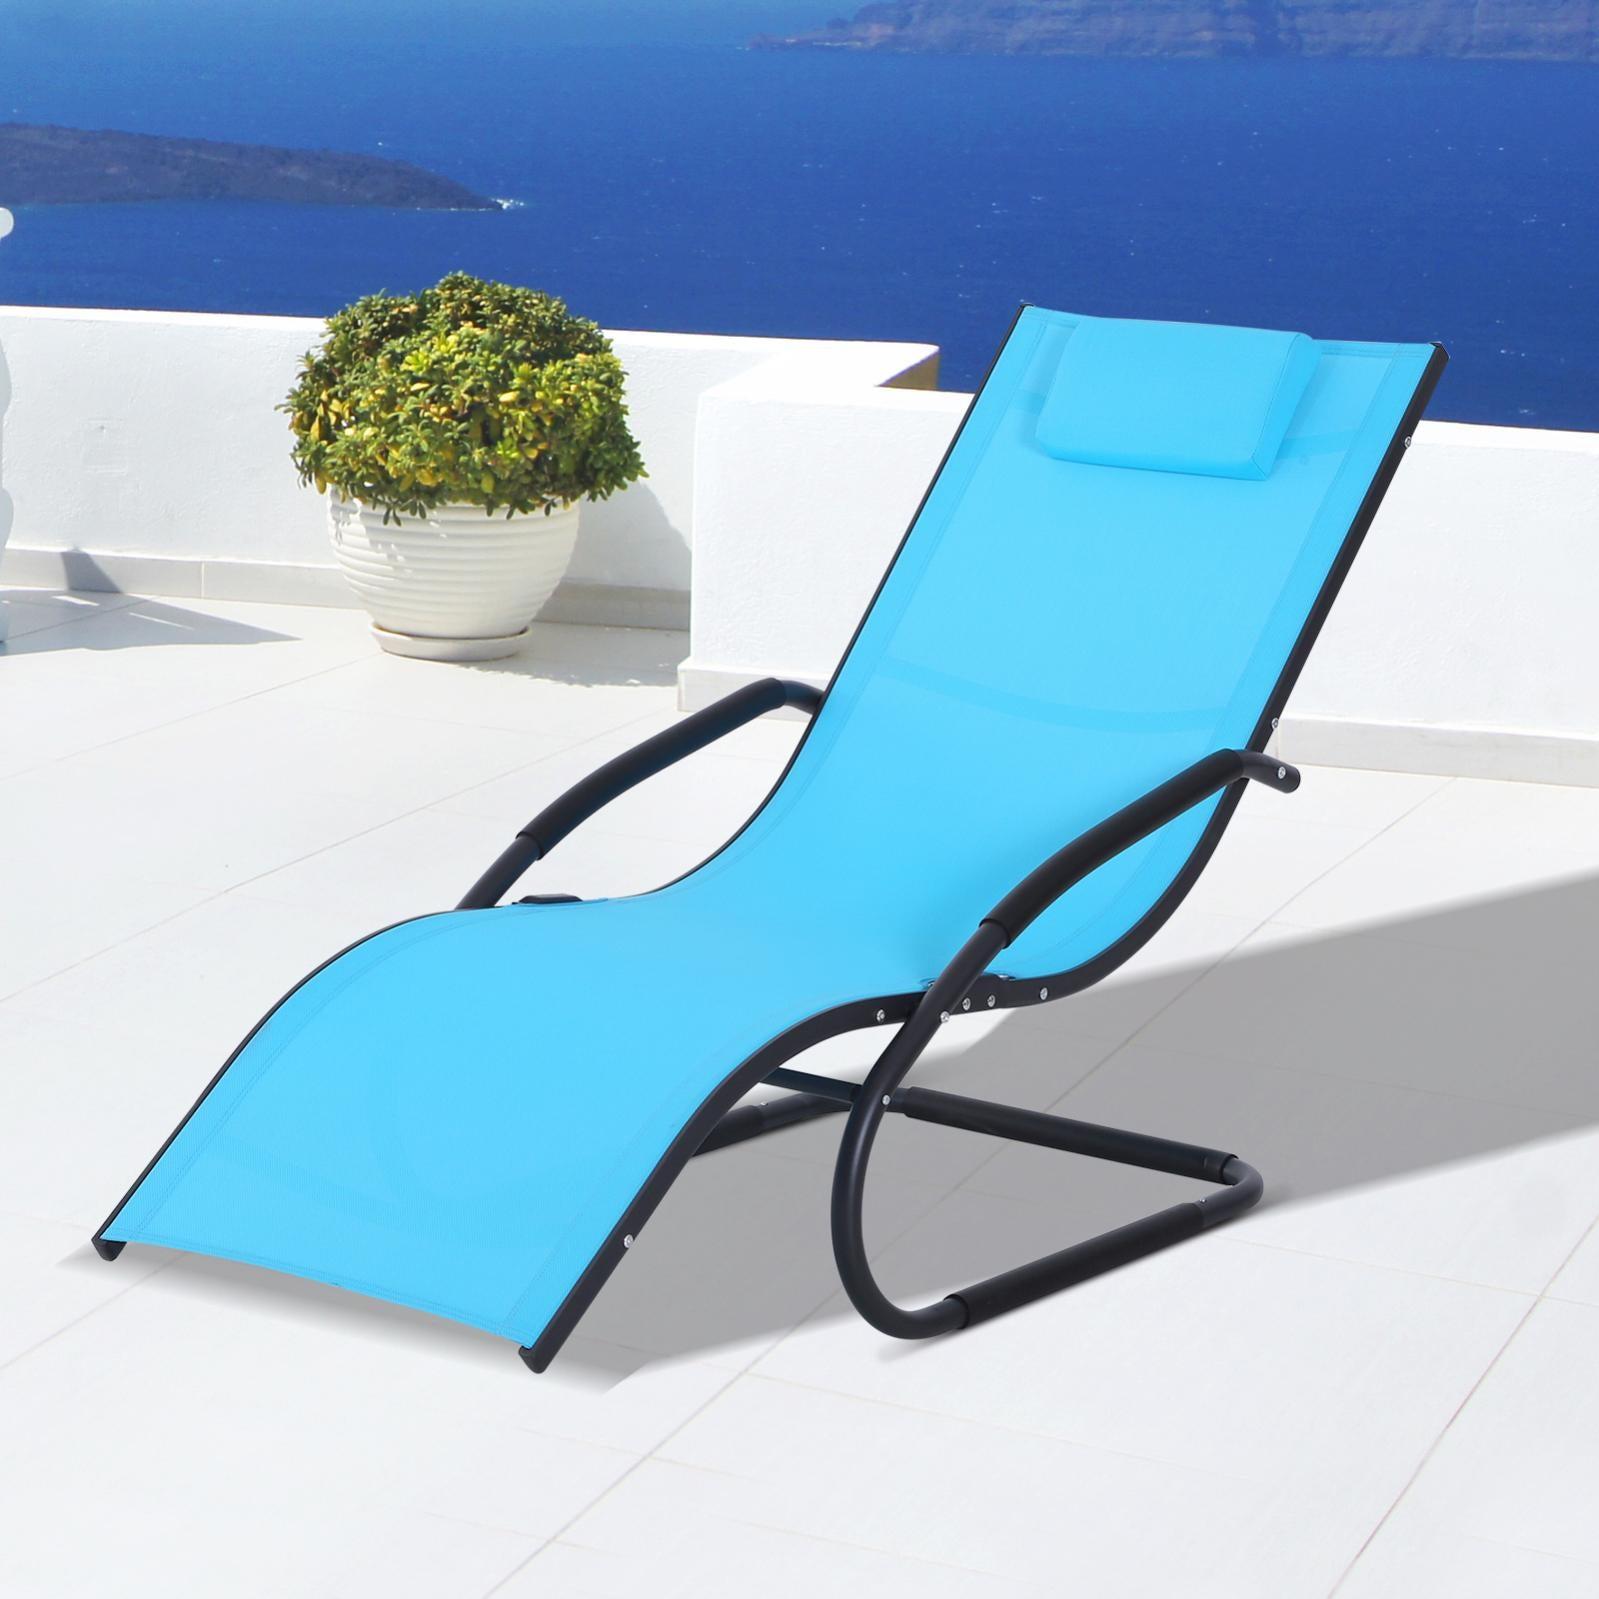 chaise longue design contemporain  leroy merlin